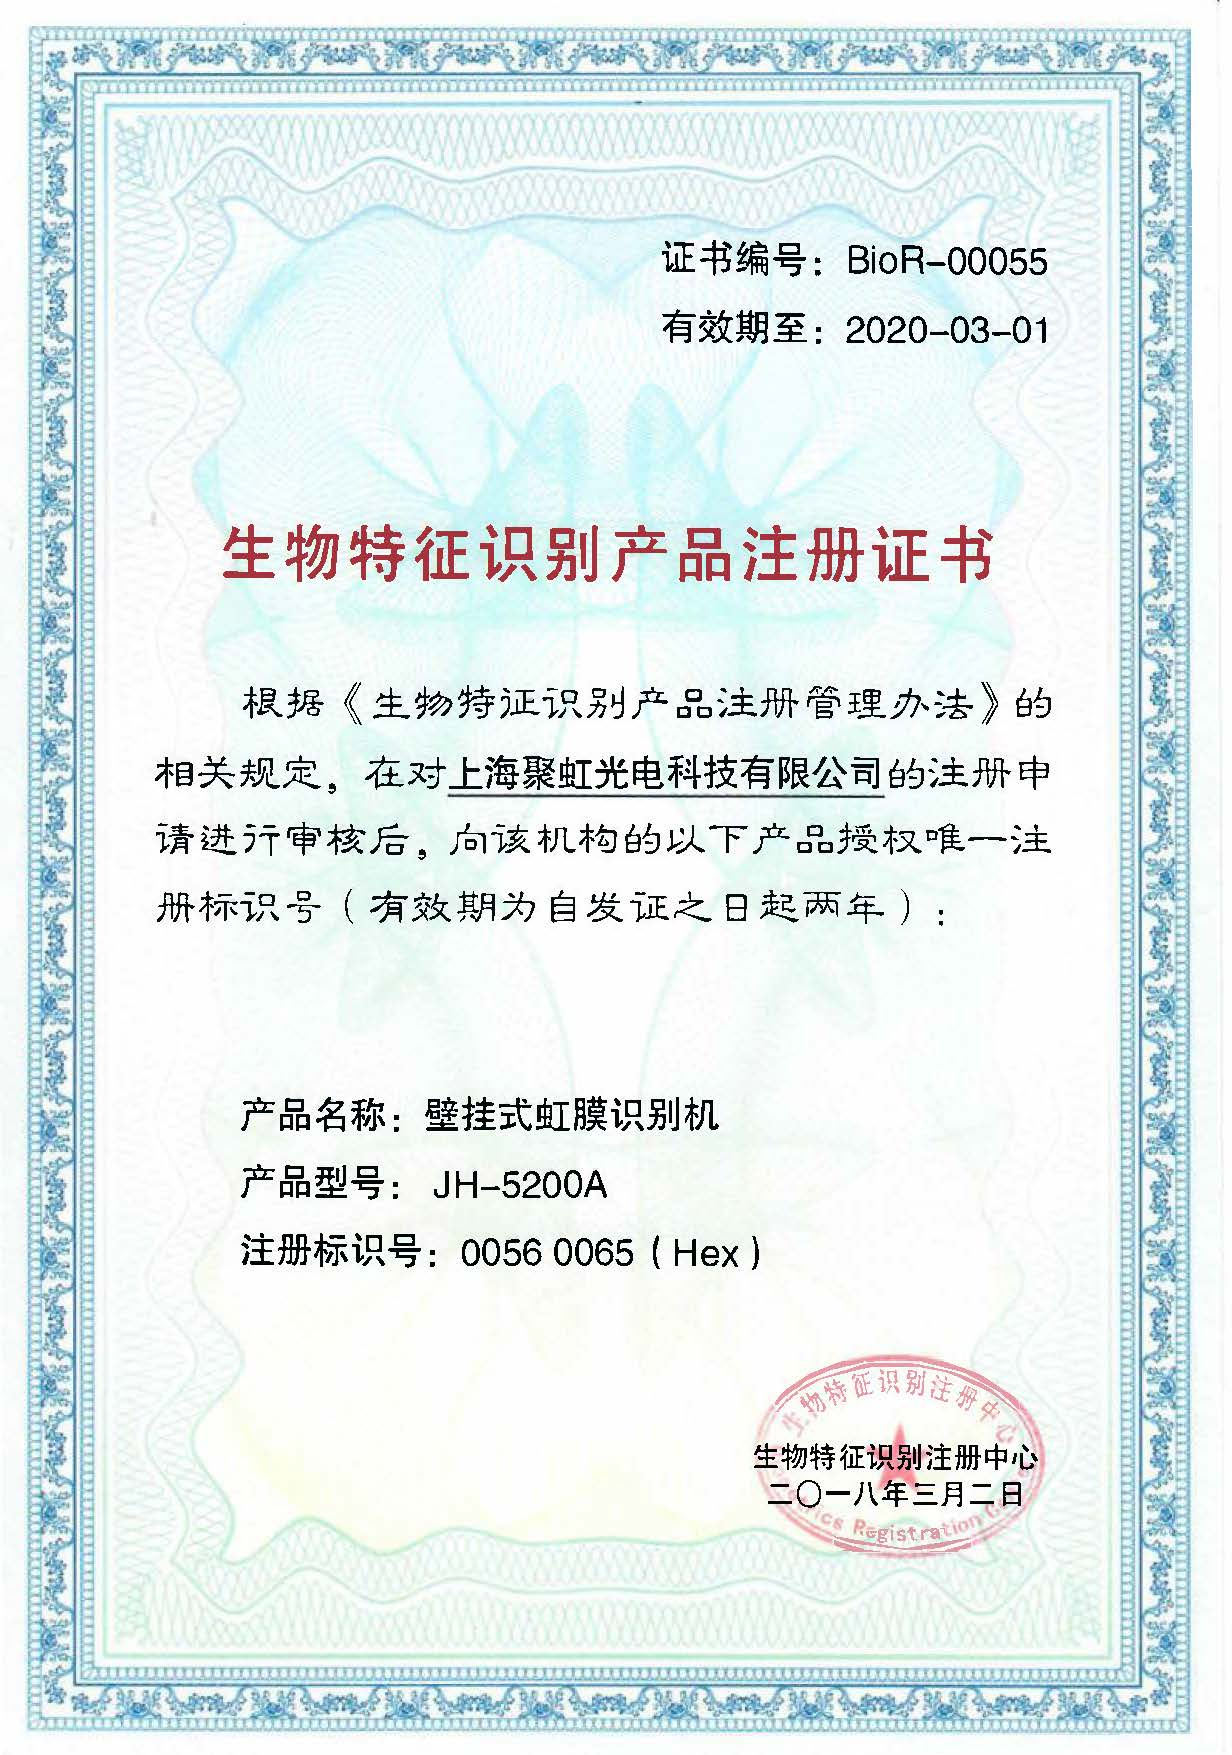 聚虹光電資質證書匯總_20190417_頁面_10